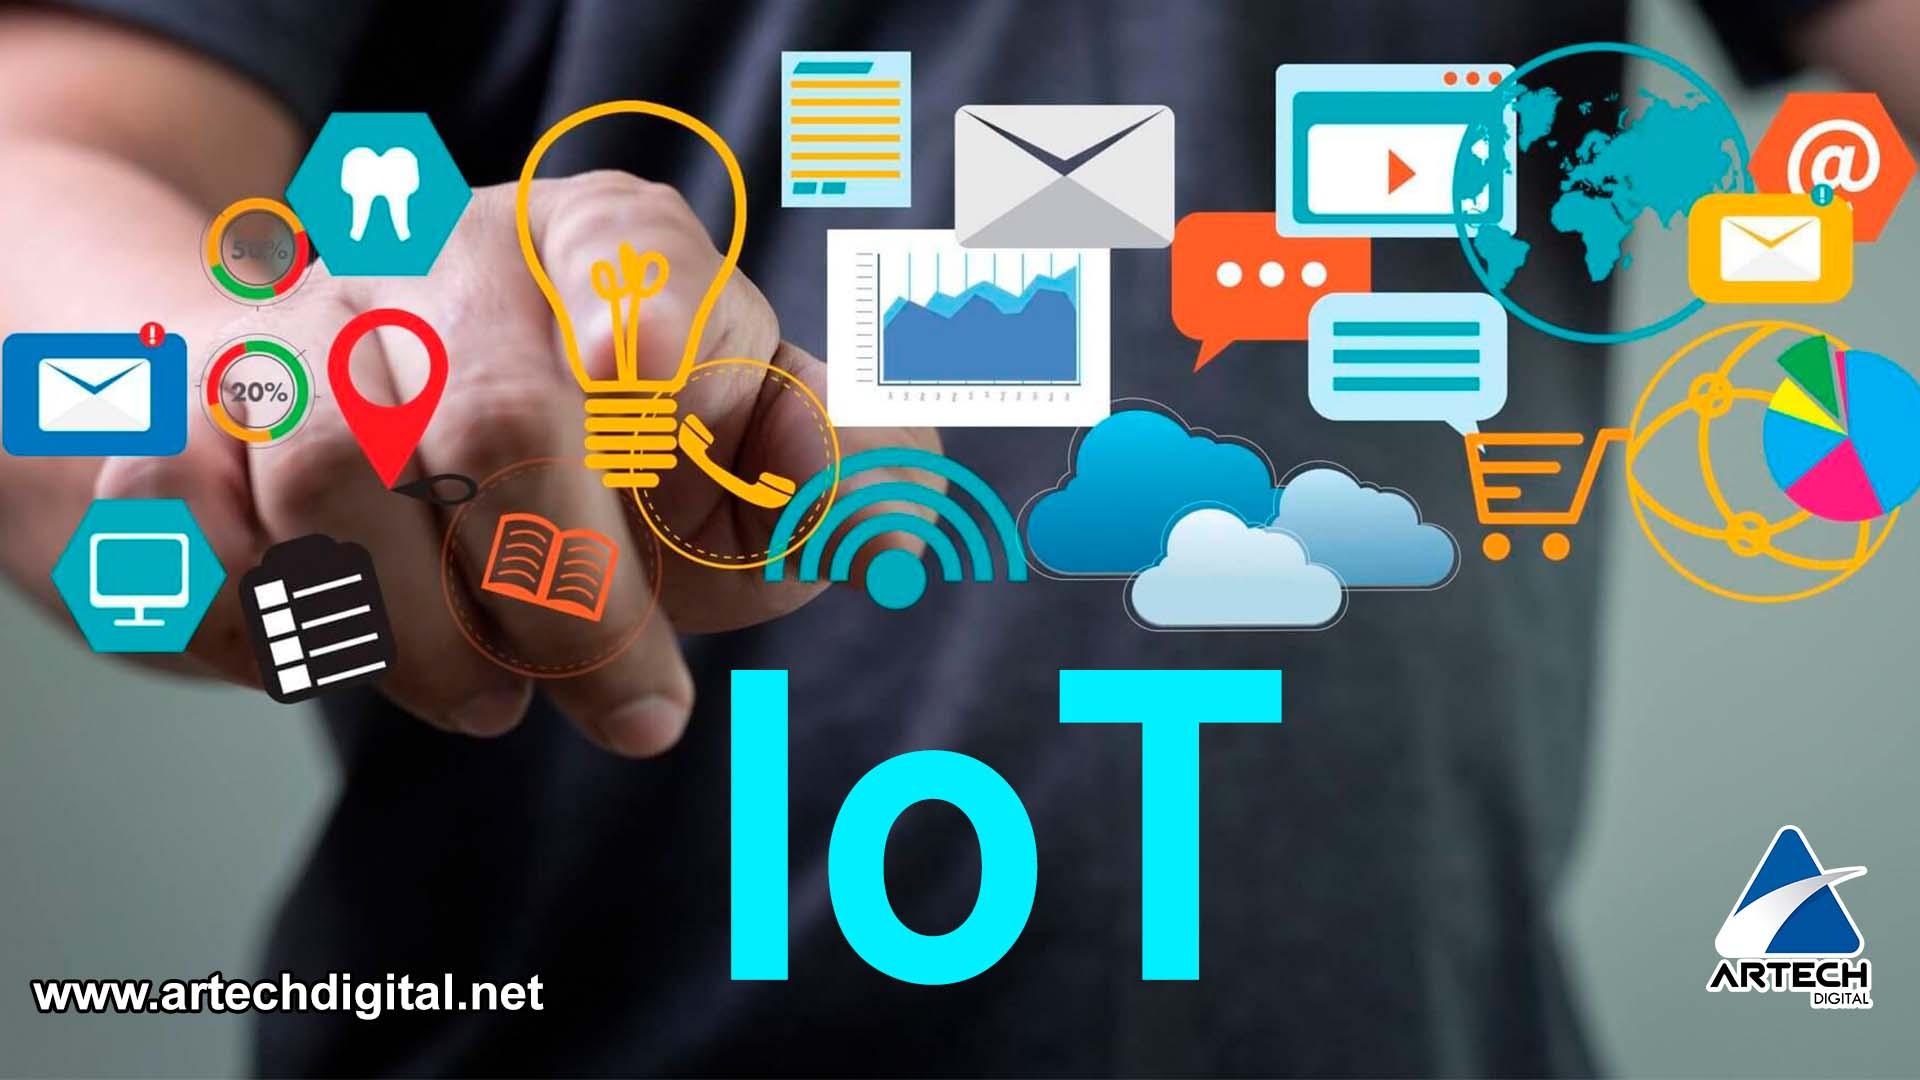 Artech Digital -IoT y Marketing Digital